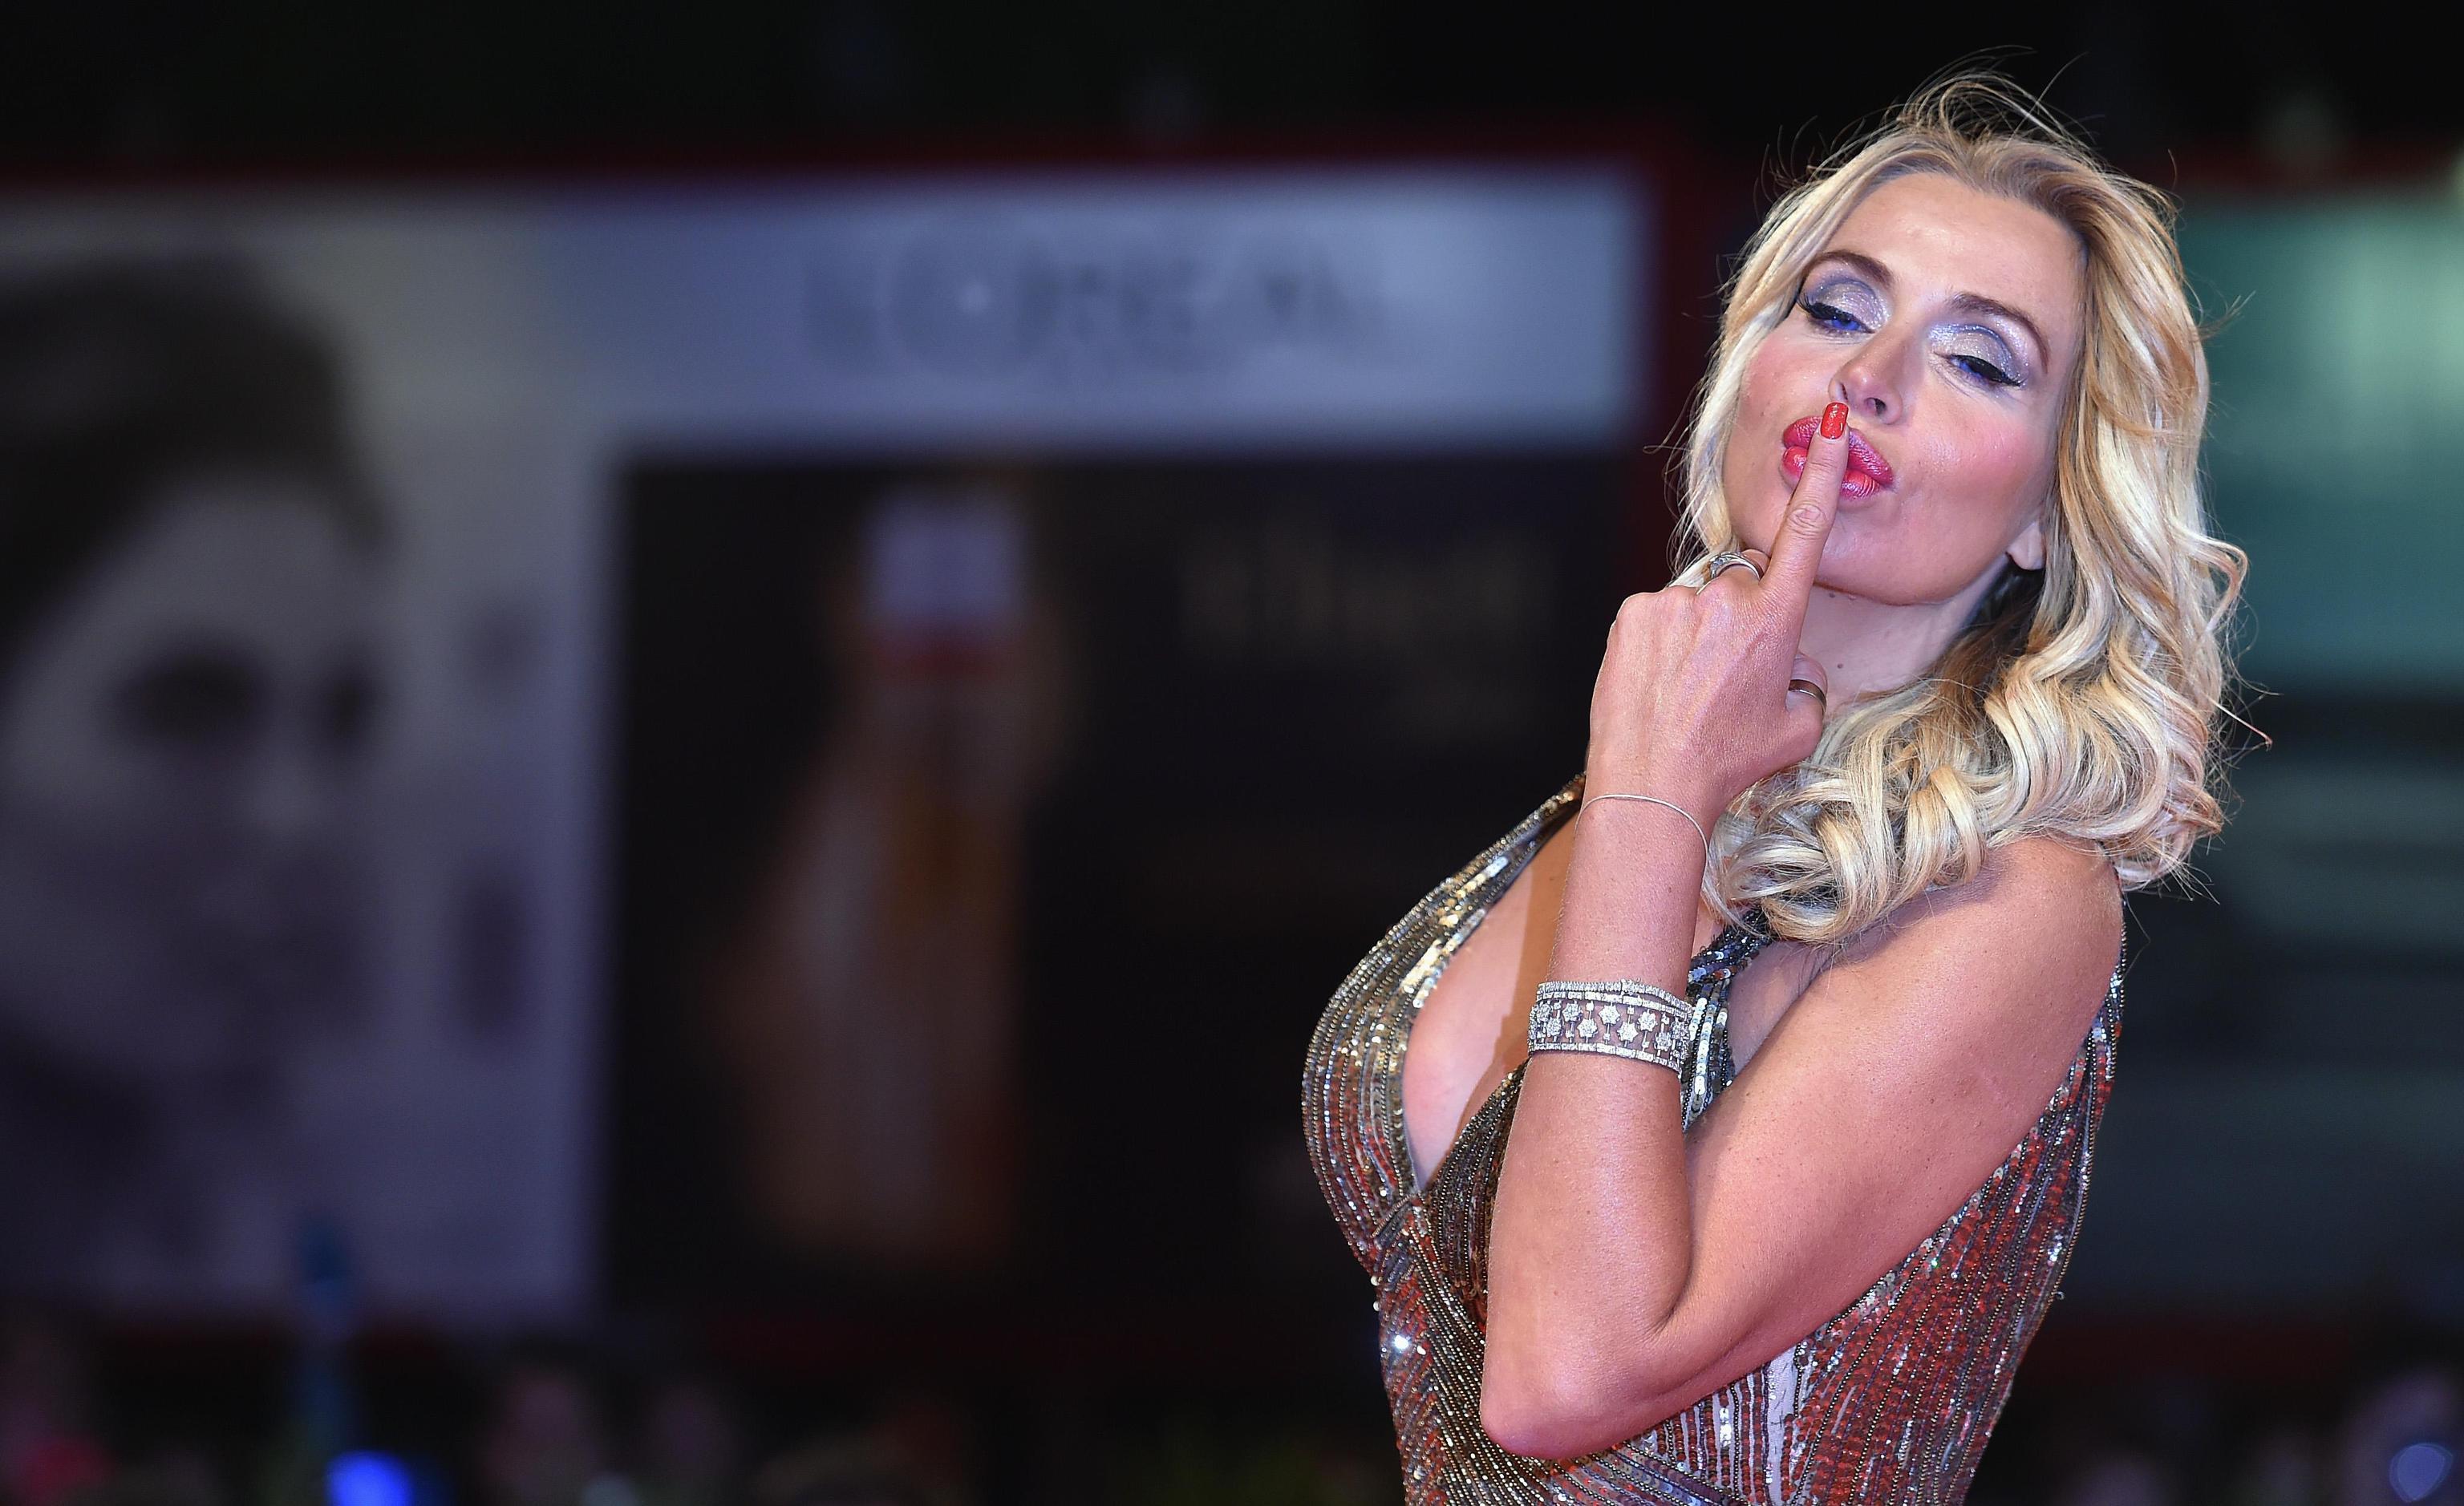 Valeria Marini sulle molestie: 'Assurdo che improvvisamente ci si ricordi: si denunci immediatamente'